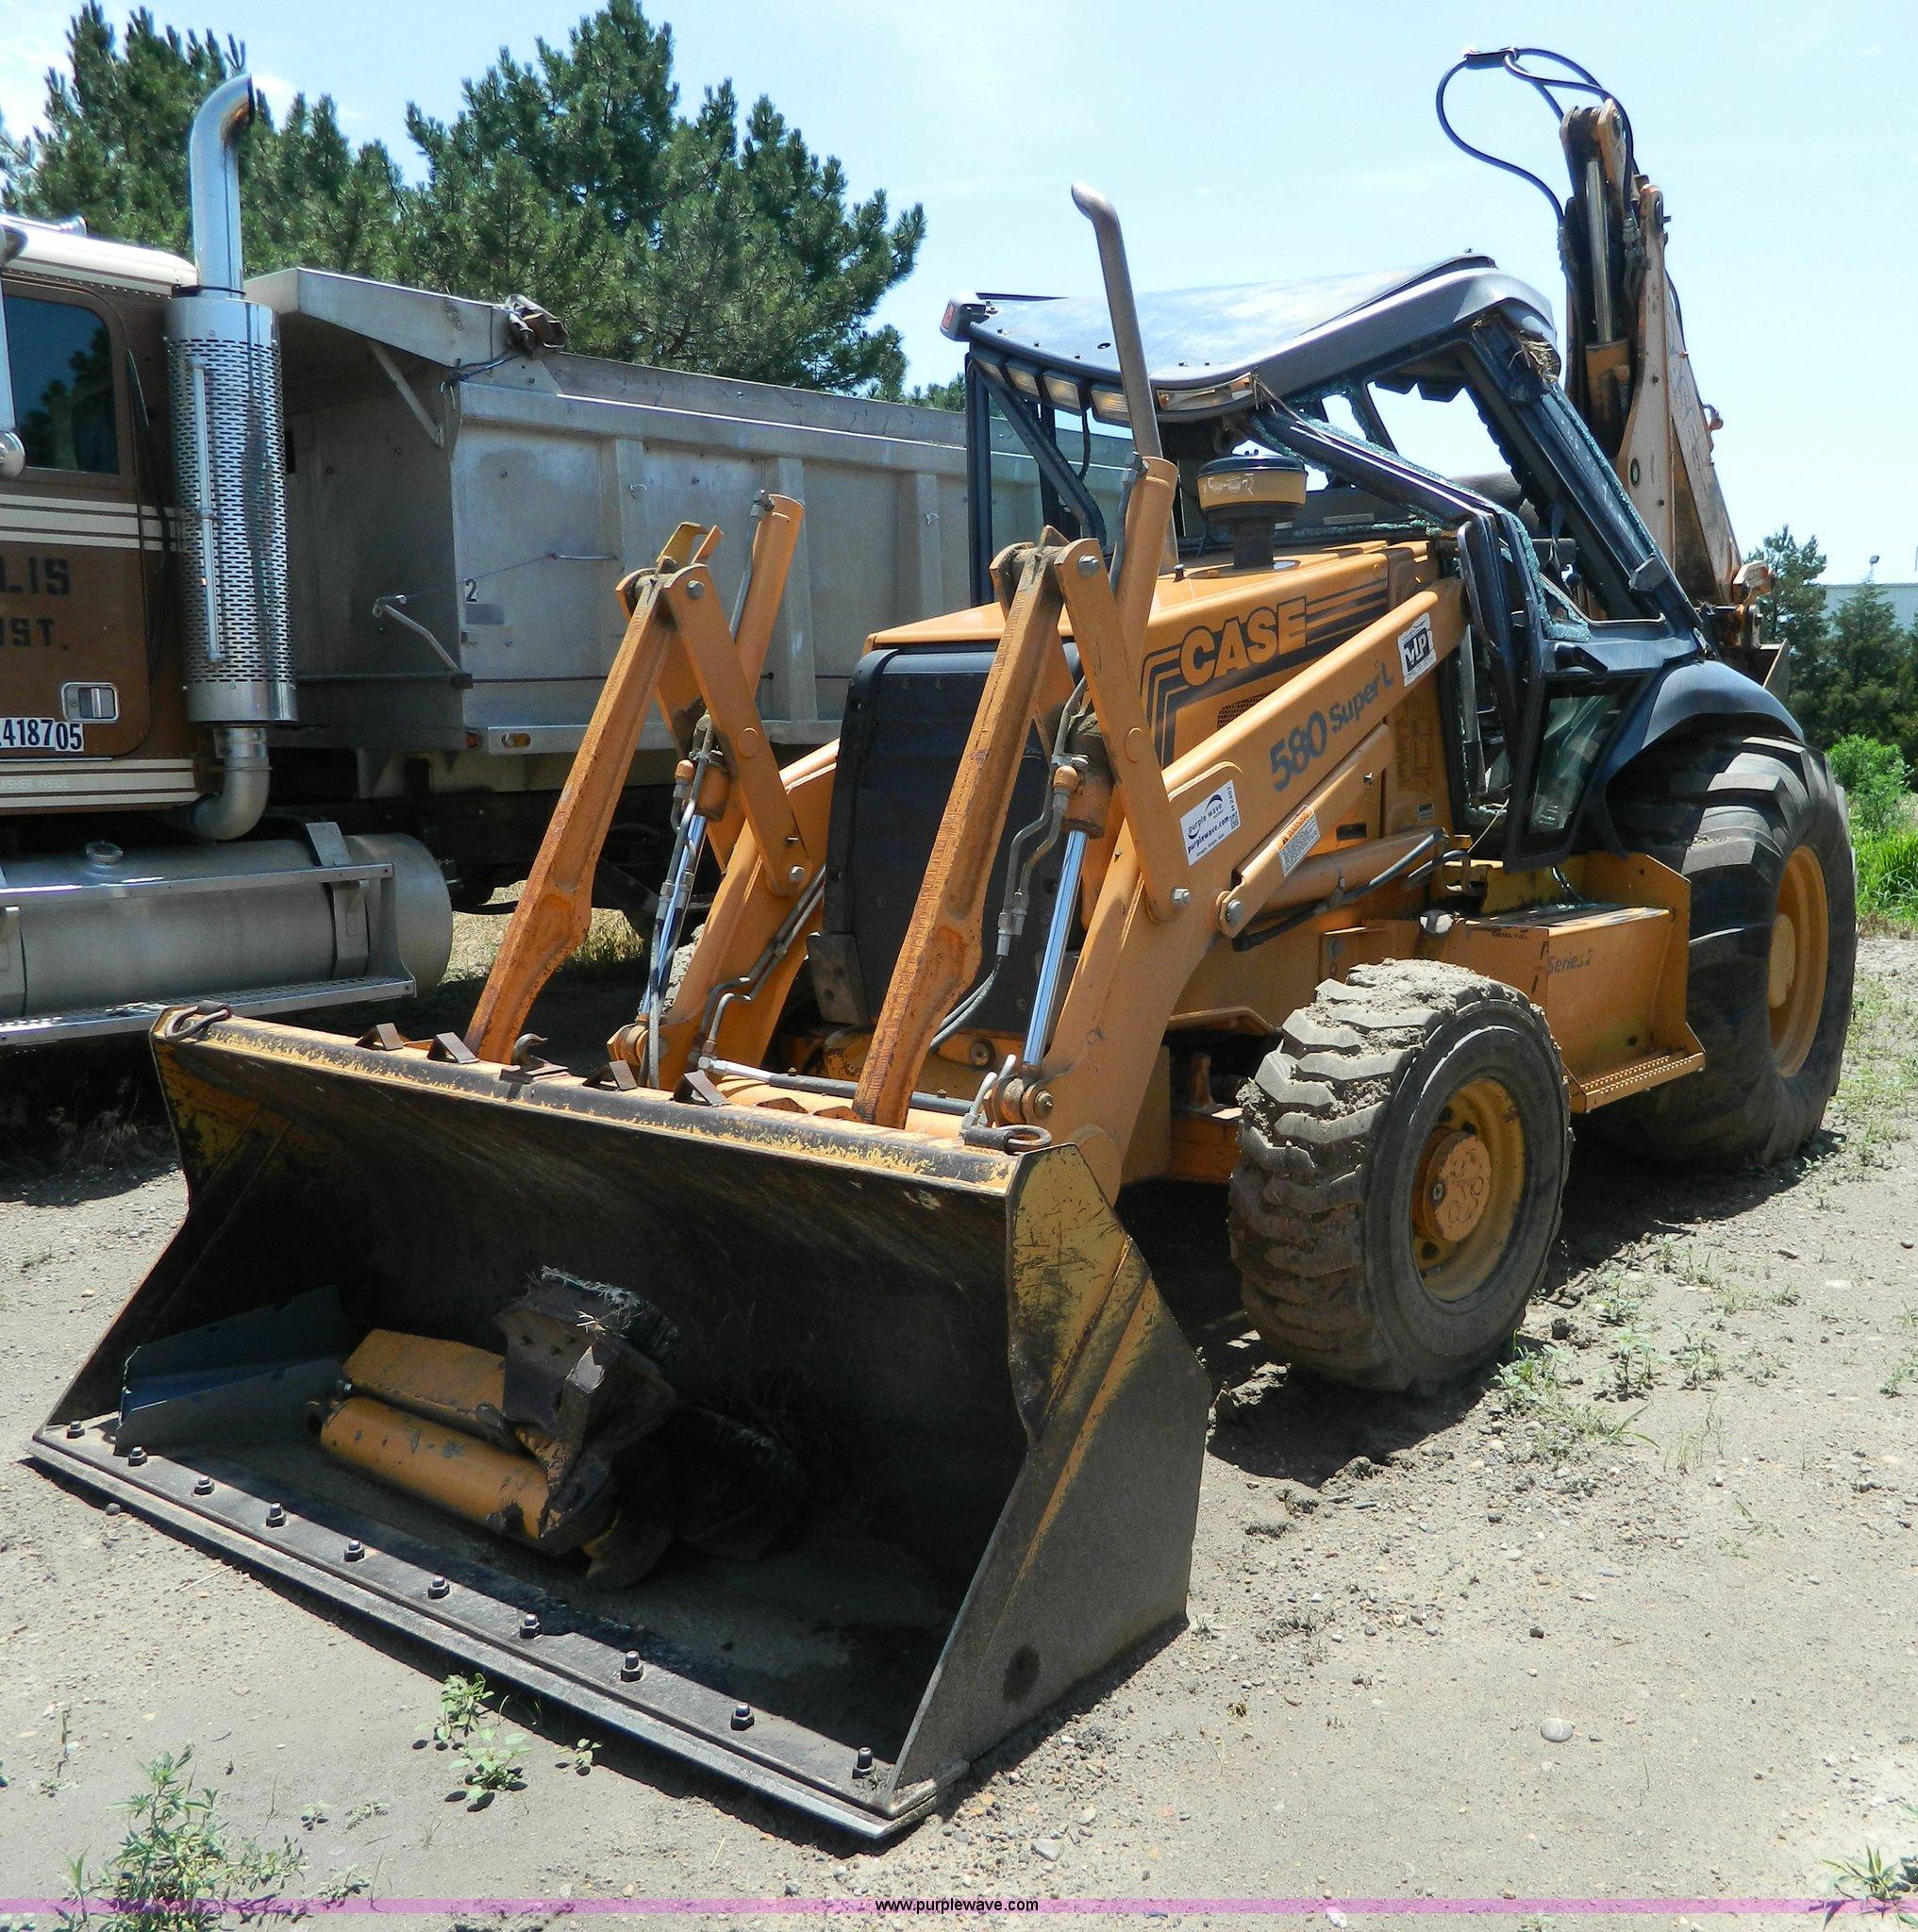 2000 Case 580 Super L backhoe | Item H2457 | SOLD! July 31 C